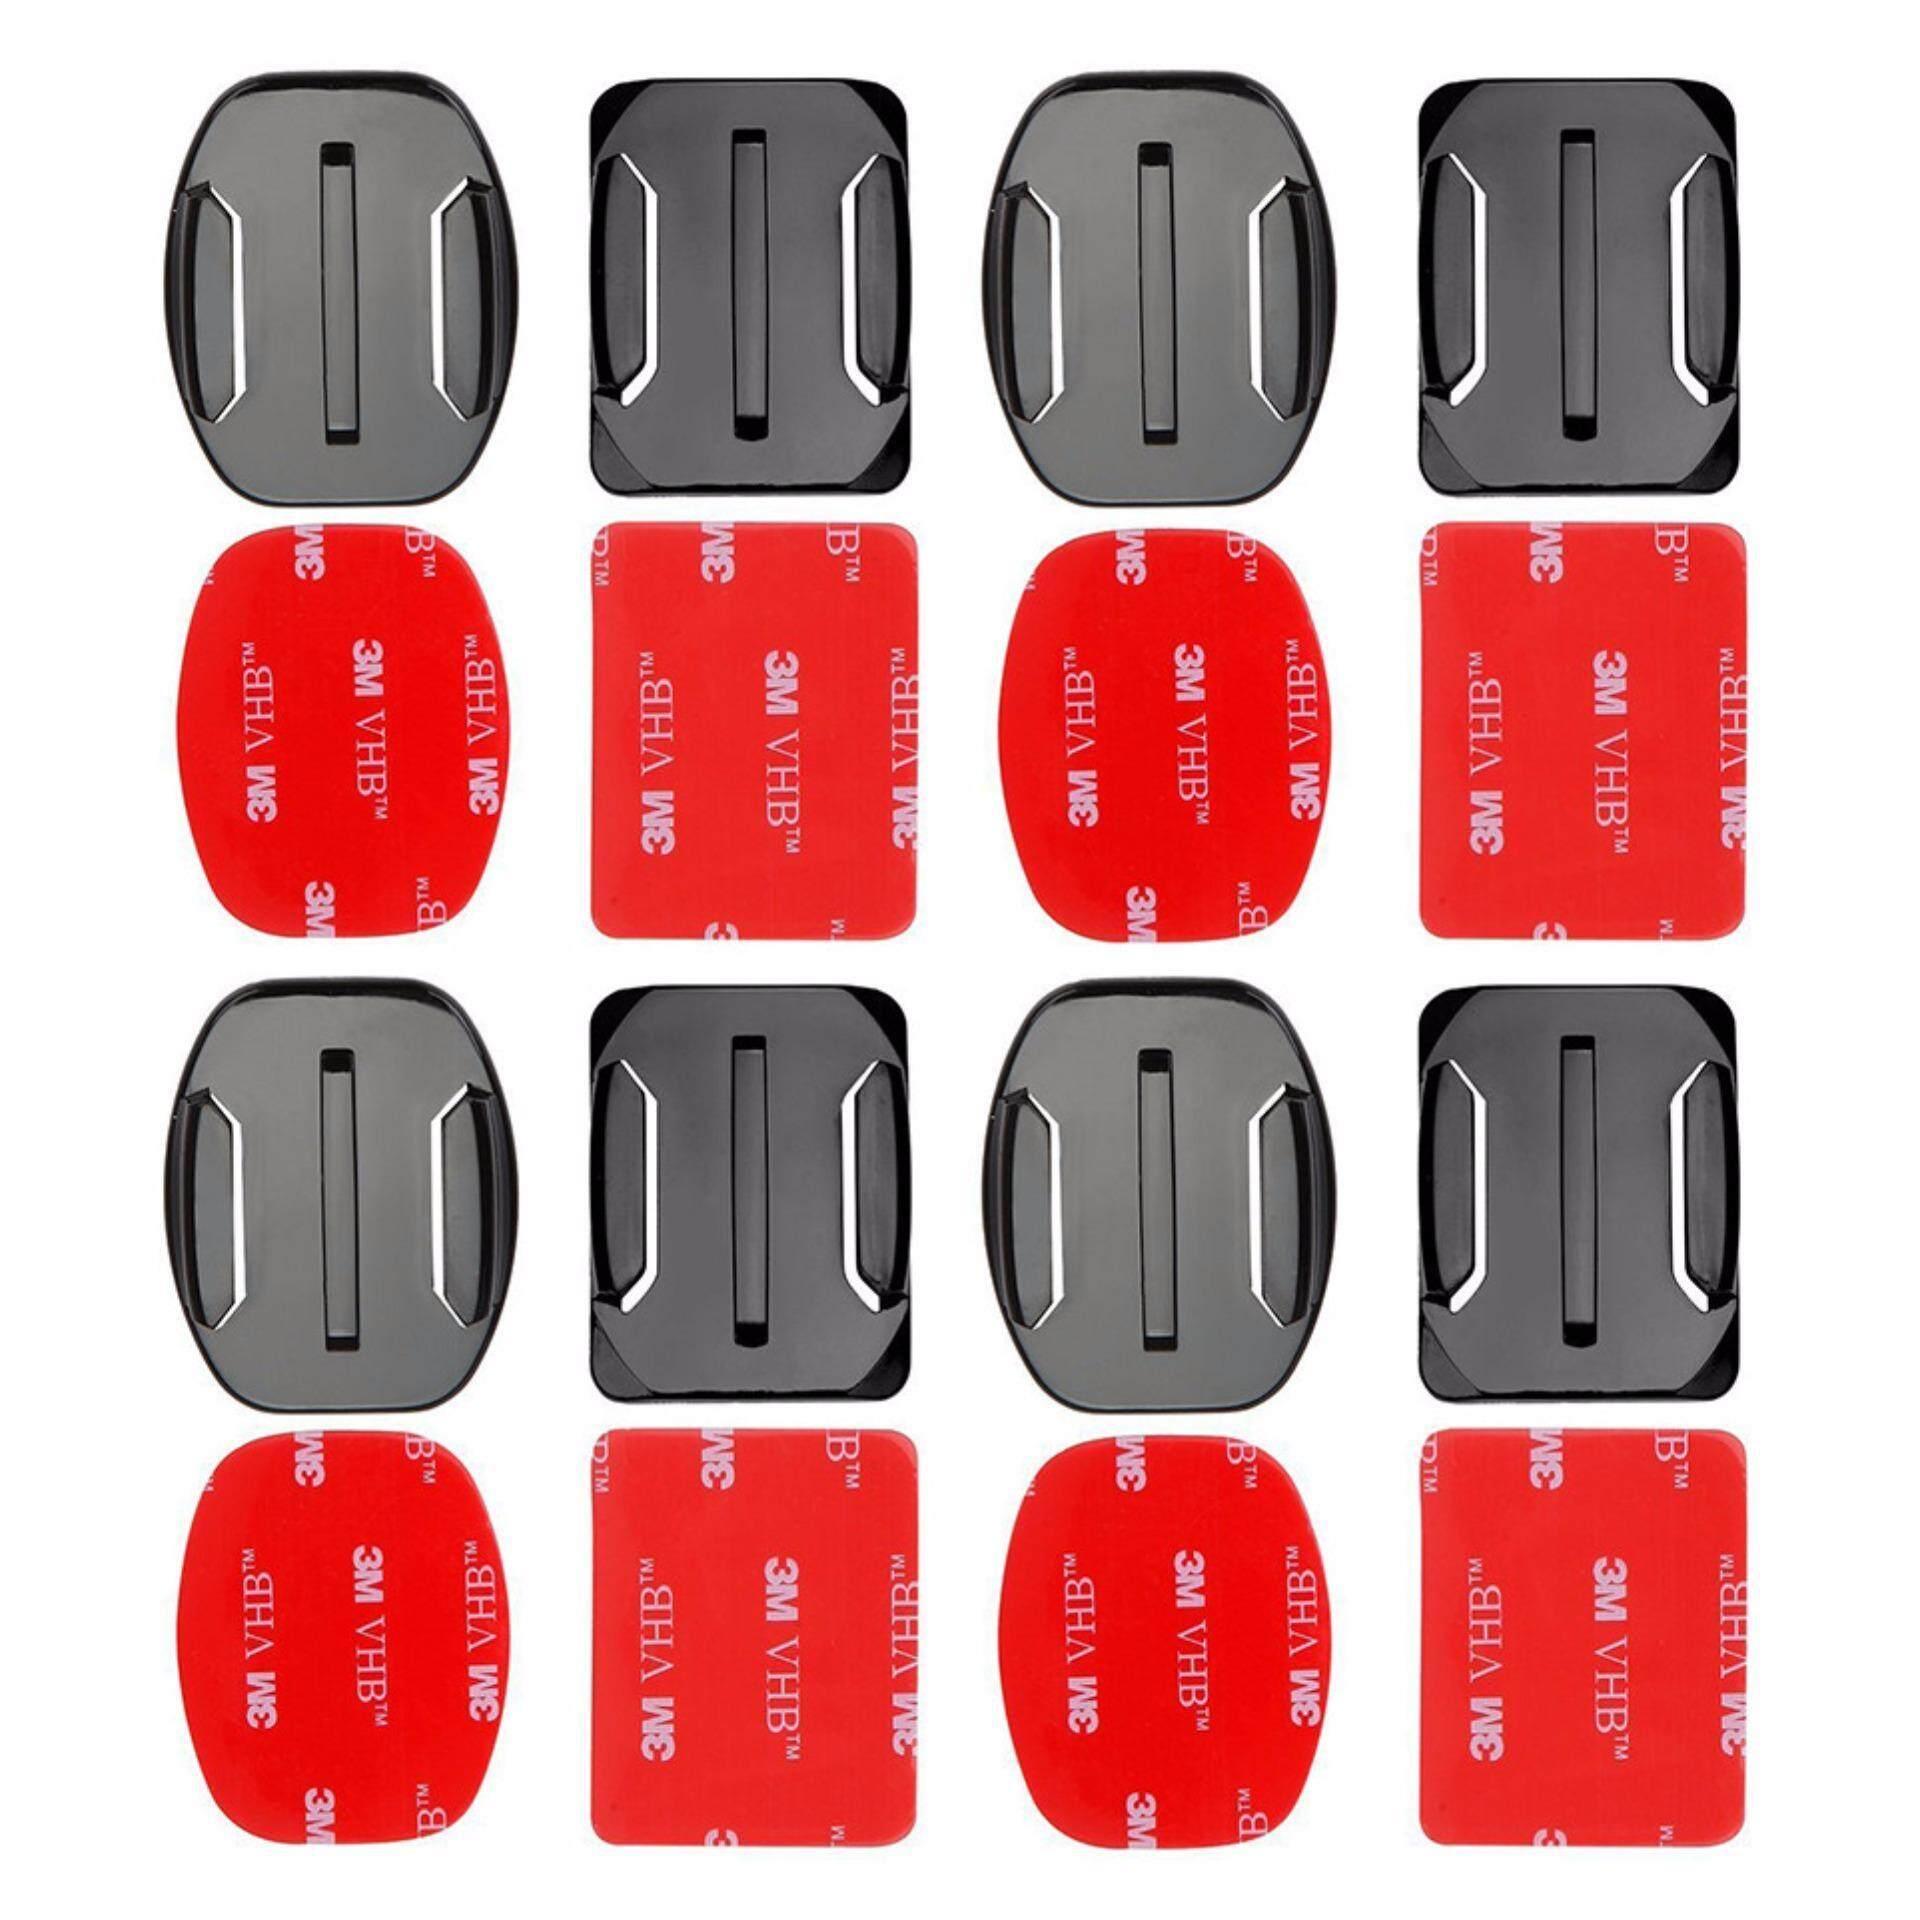 ไปขายตัวอุปกรณ์ชุด 4ชิ้นแบน และโค้งเข้ายึดฐาน 3แผ่นสติ๊กเกอร์ VHBสำหรับ GoPro Hero 5 4 3 2 xiaomi yi 4กิโลไบต์ SJ4000 SJ5000 SJ7000กล้อง